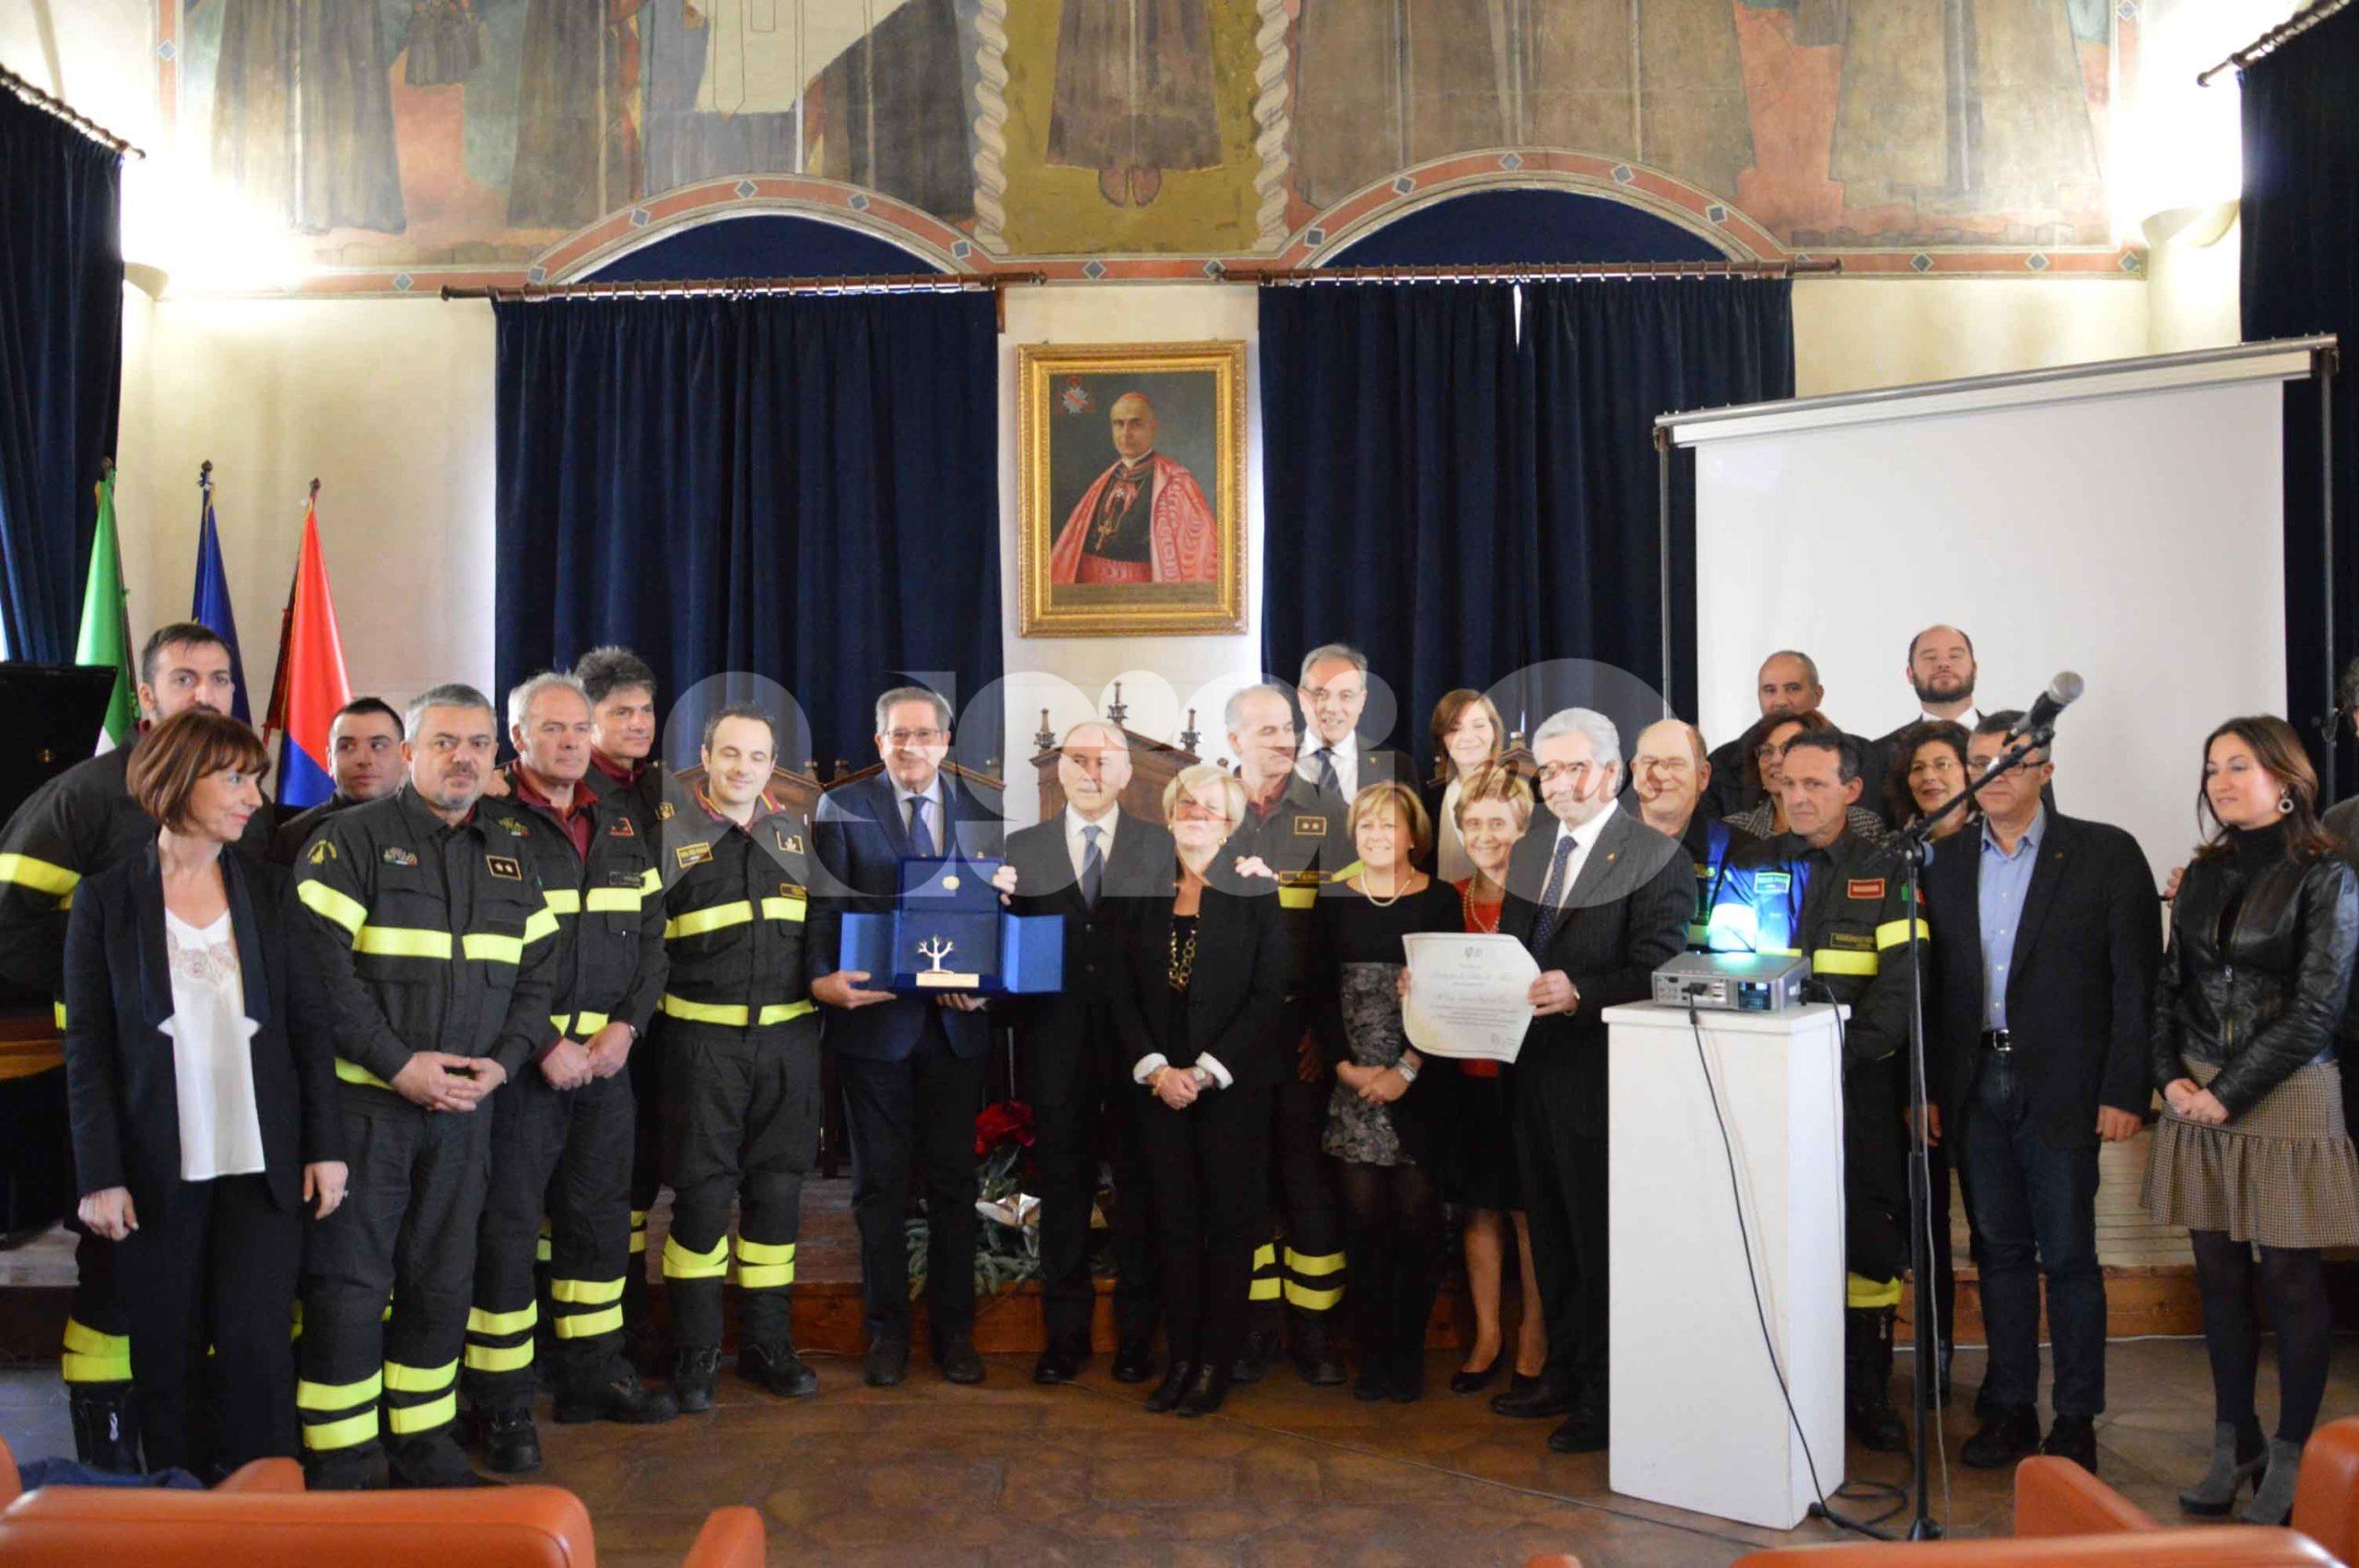 Il Corpo Nazionale Vigili del Fuoco premiato ad Assisi dagli psicologi